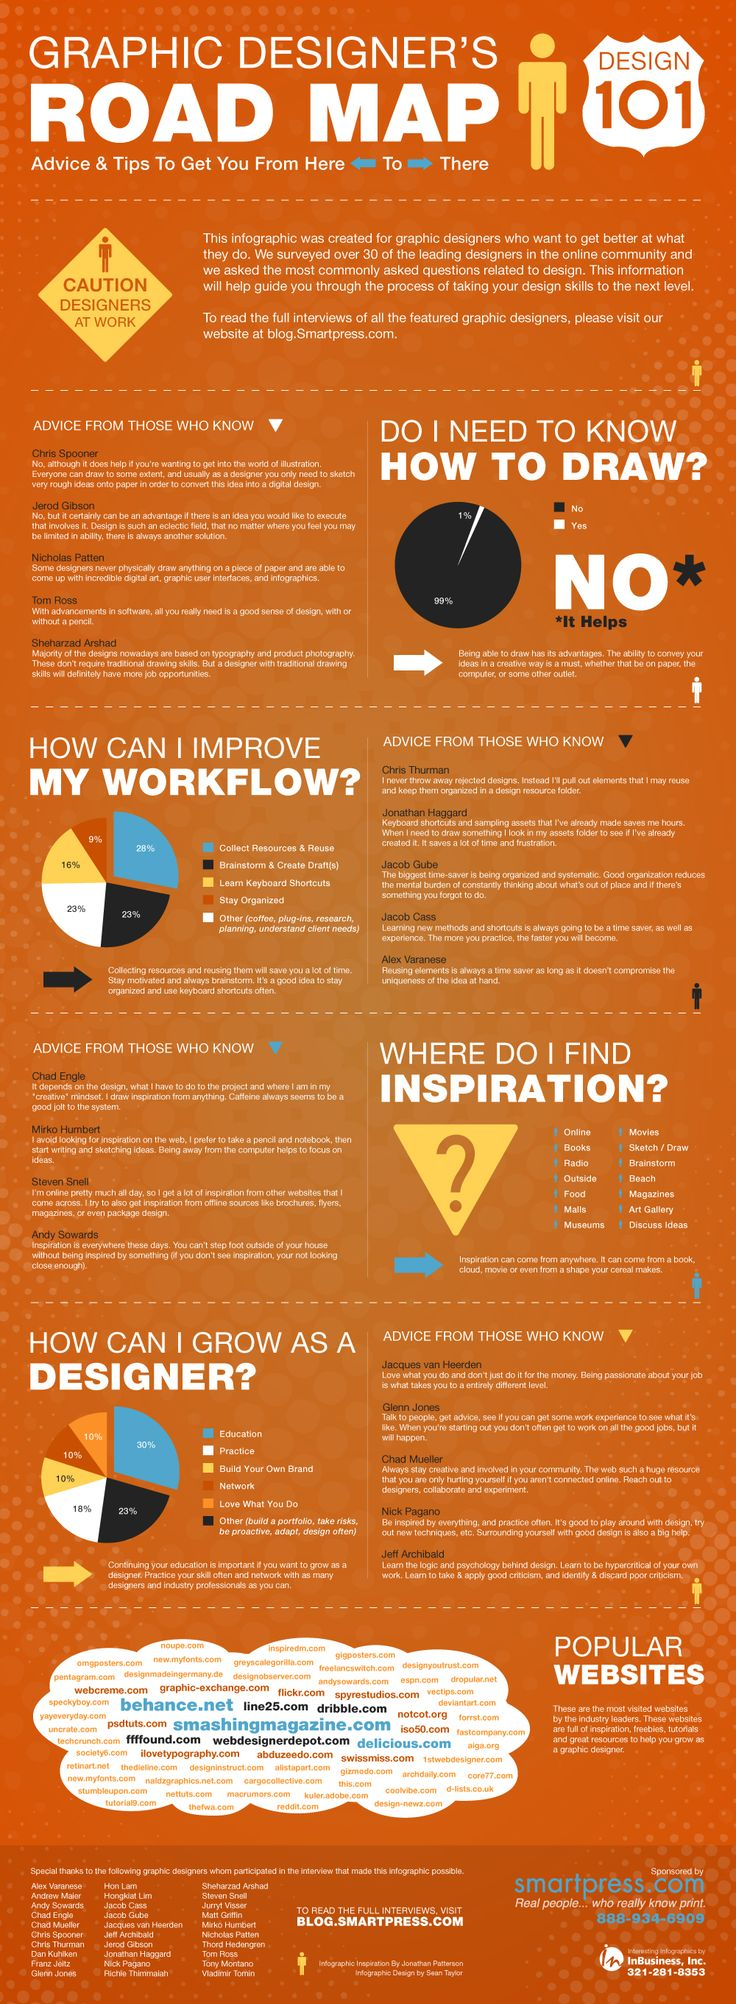 Poster design 101 - Graphic Designer S Road Map Design 101